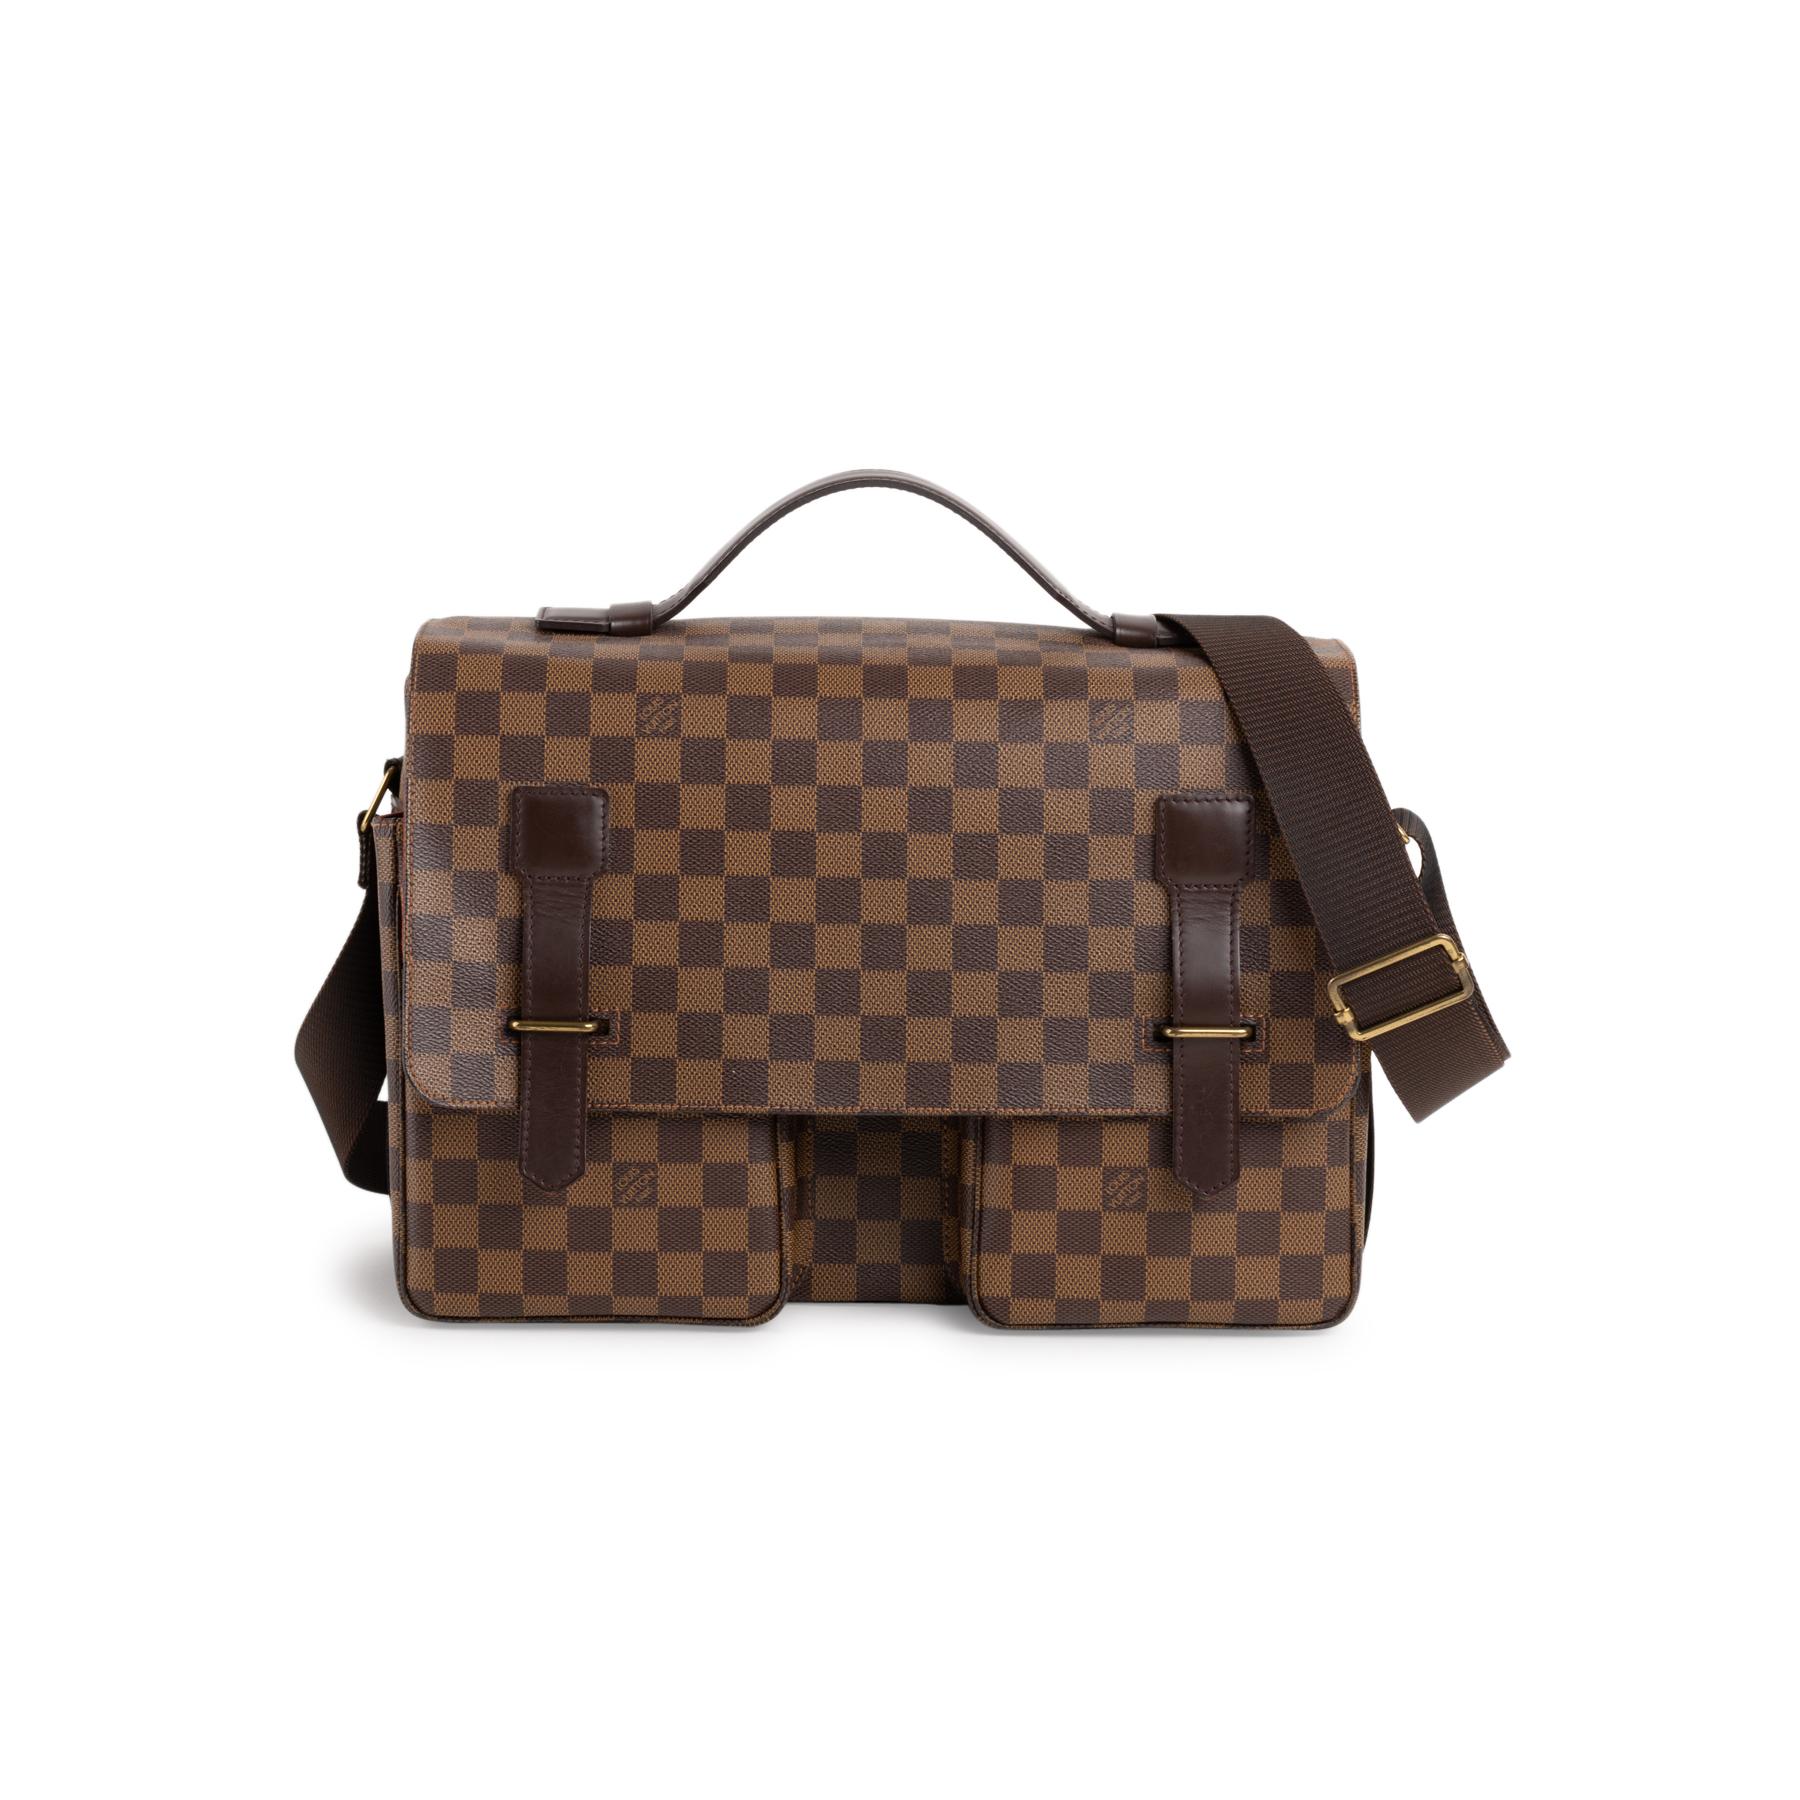 4a789560c11 Damier Ebene Broadway Messenger Bag